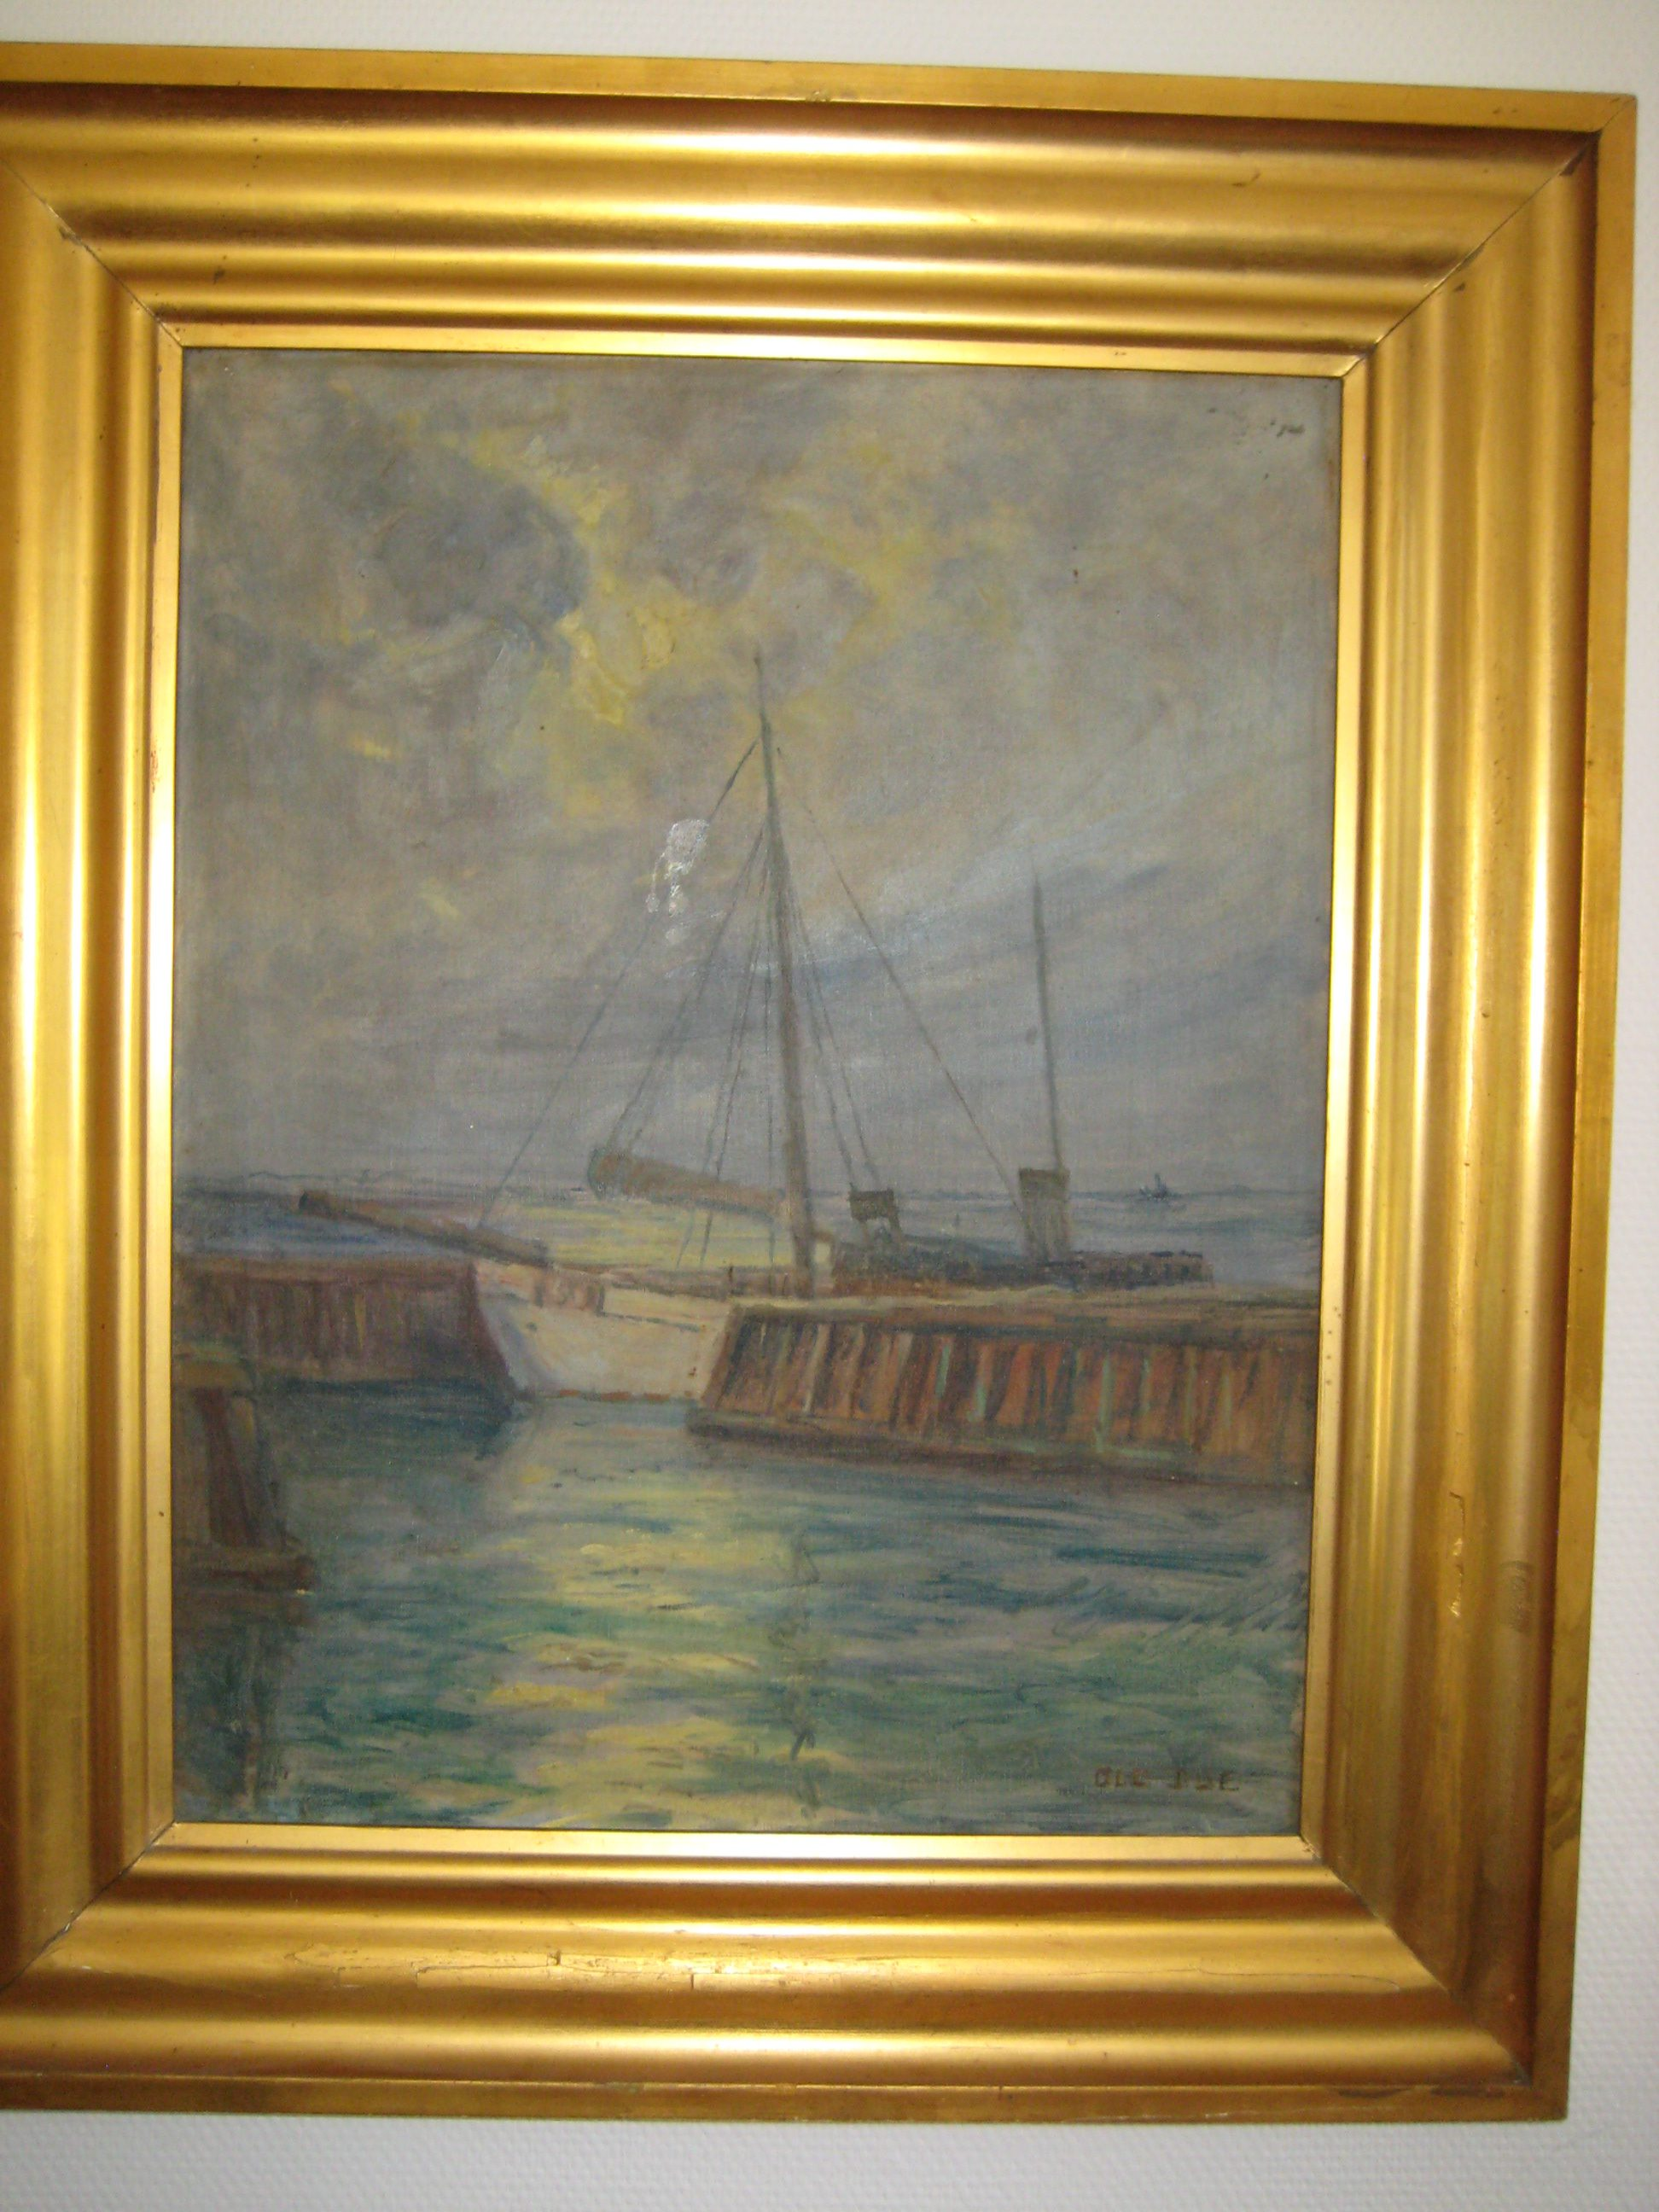 Ole Due, fiskerbåd i havn